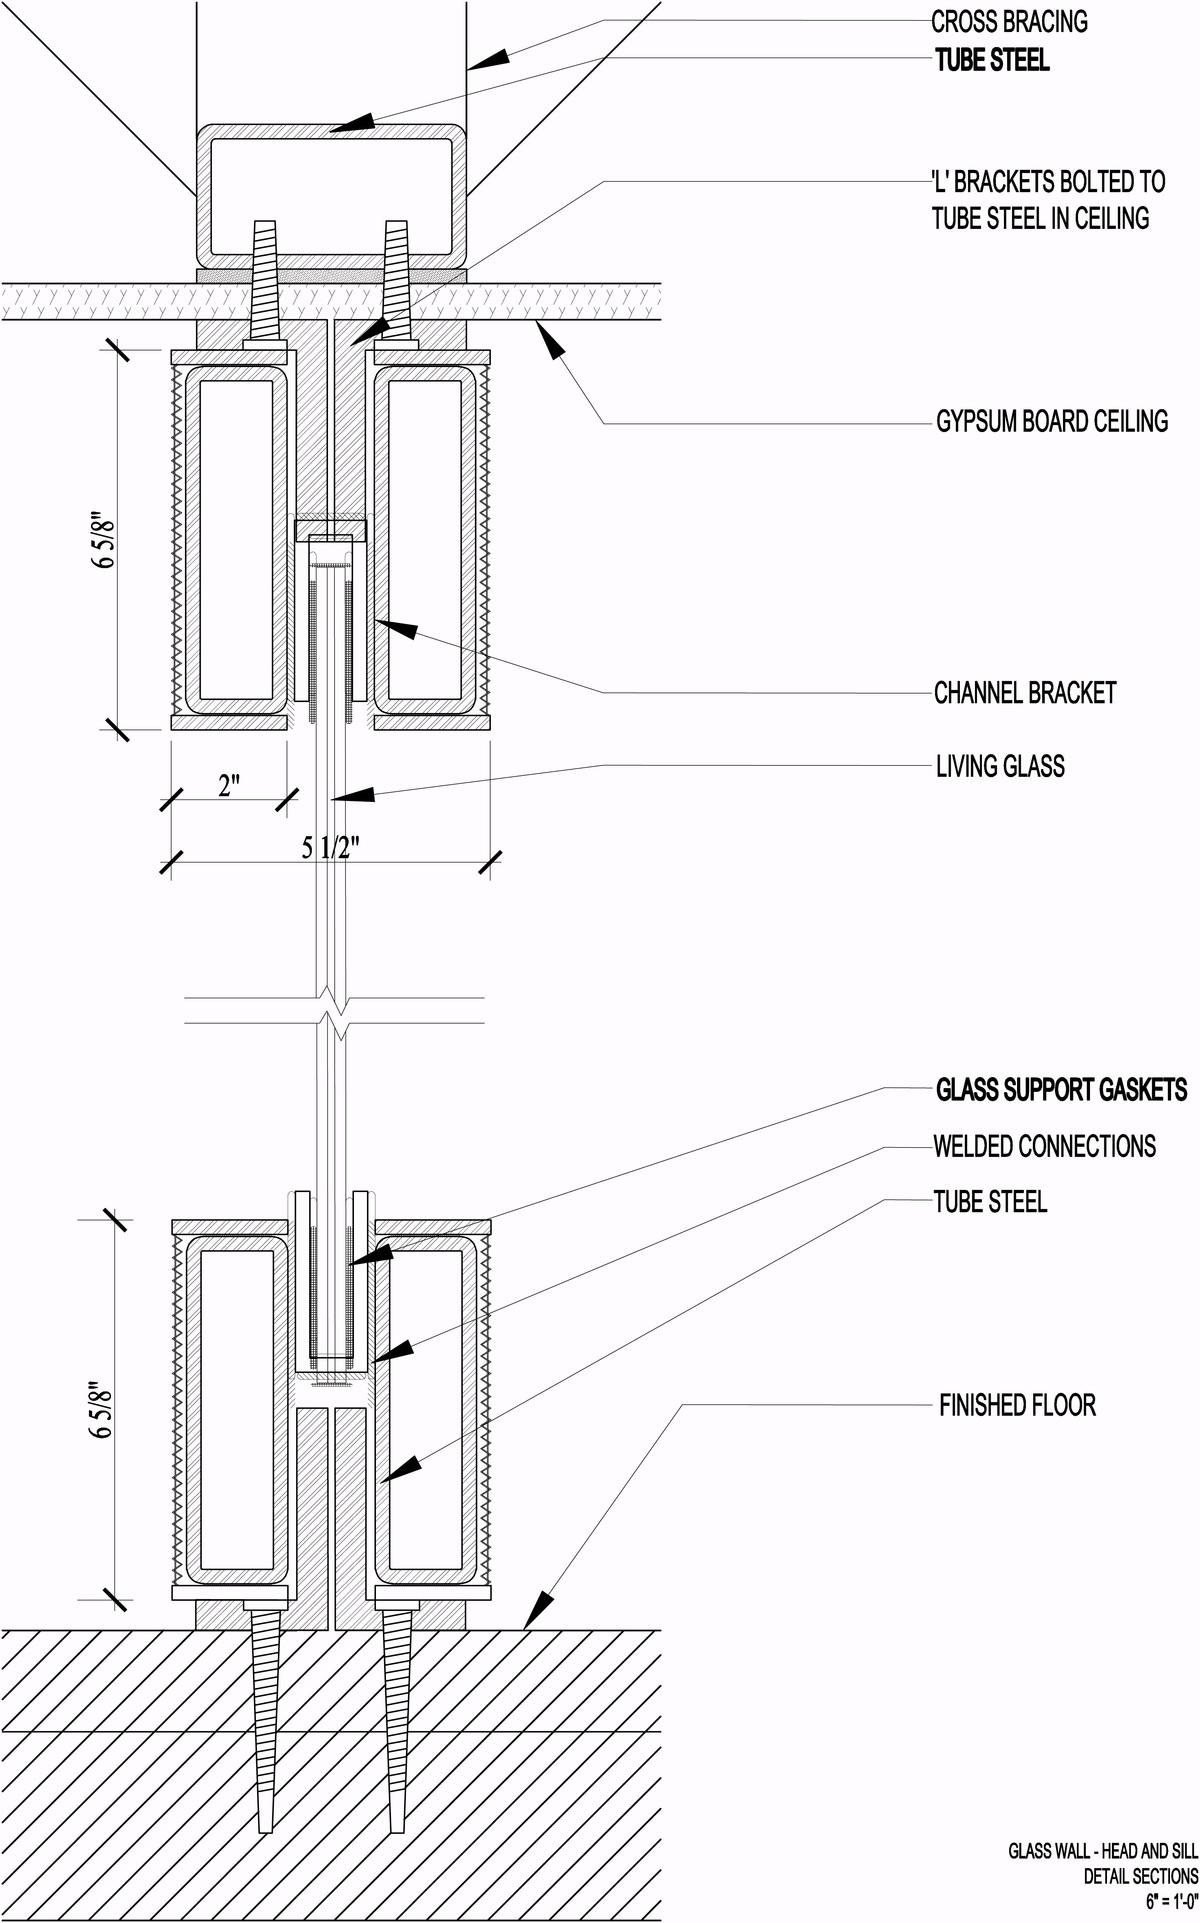 Base details